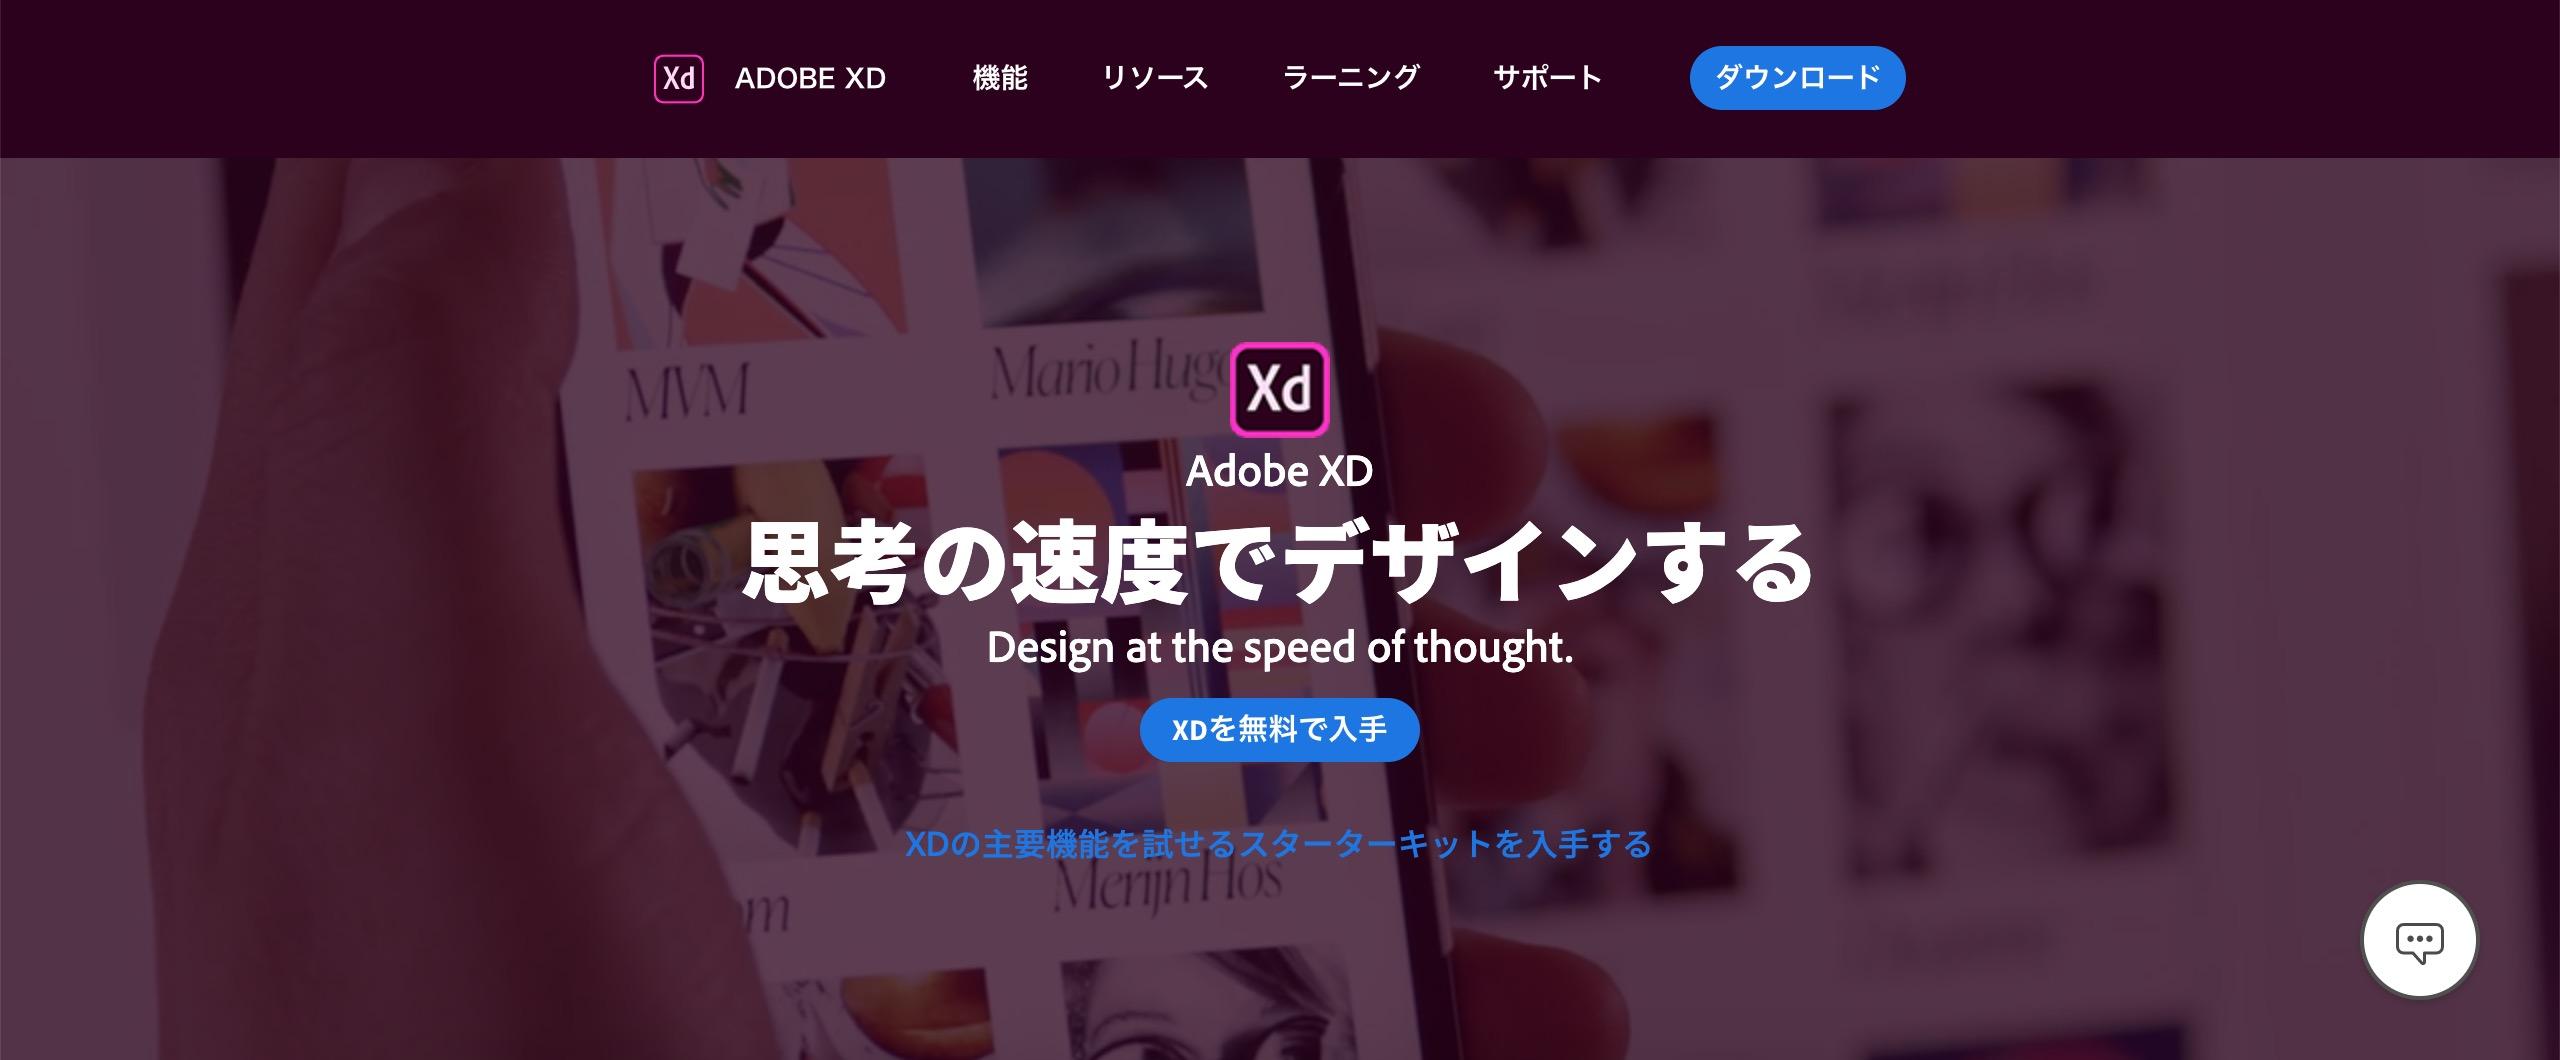 無料で使える!Adobe XDをインストールしてみよう|ダウンロードするには